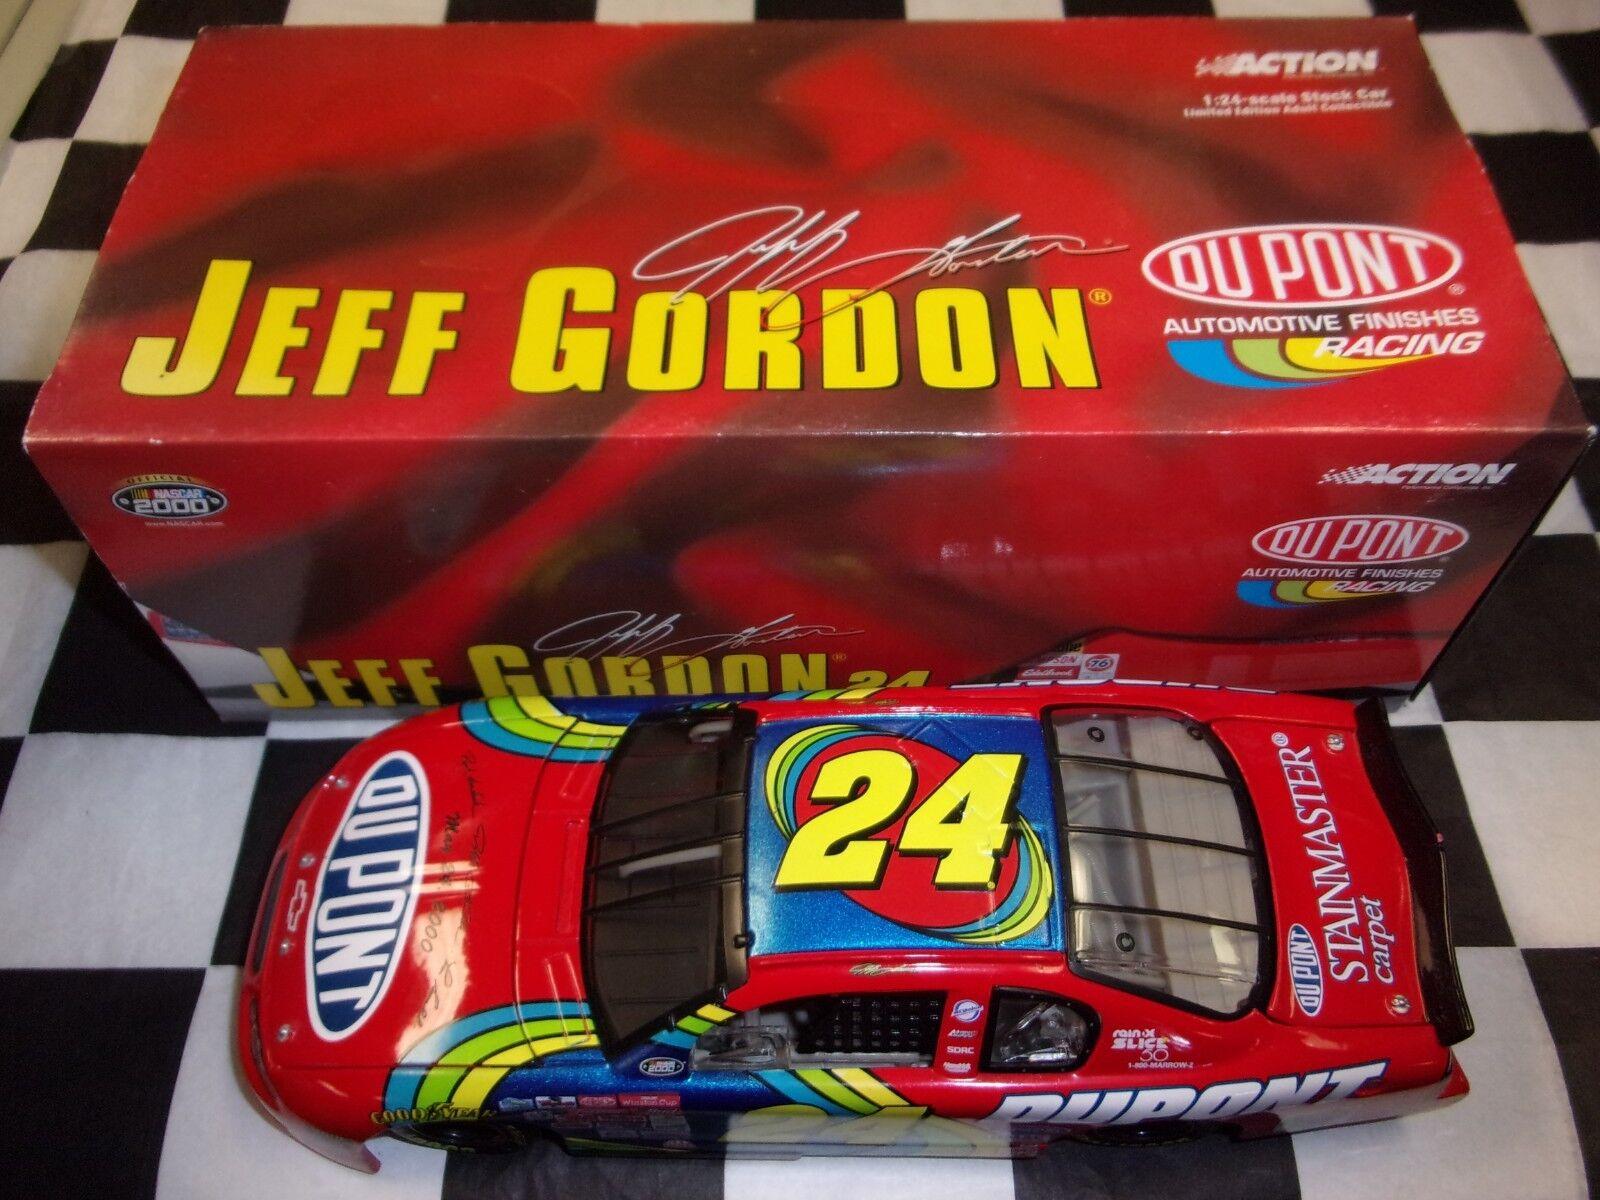 Jeff Gordon  24 Dupont Charlotte 2000 MONTE CARLO 1 24 échelle Voiture Nascar Action